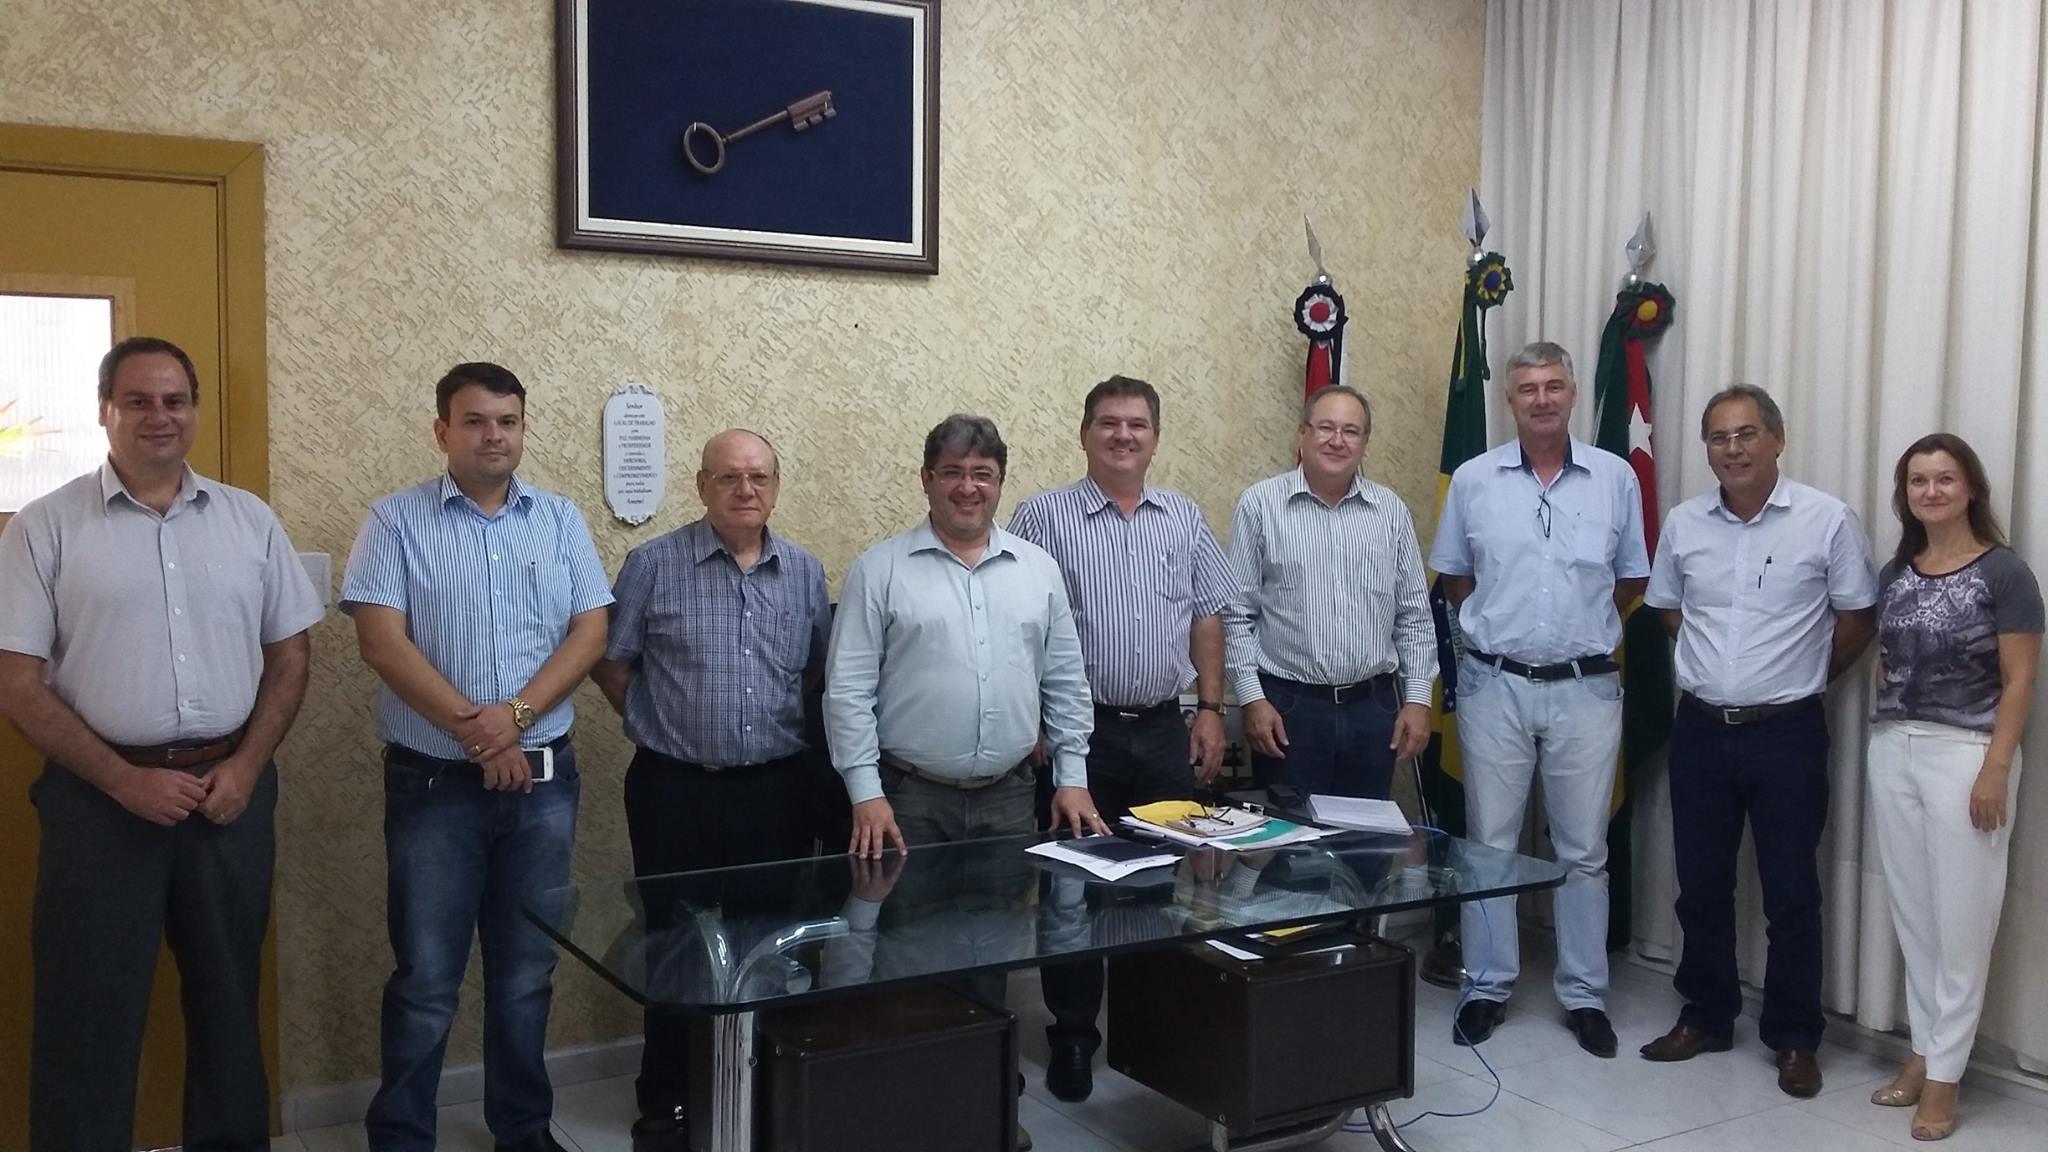 Prefeito de Dracena recebe a visita do Prof. José Gonzaga e Direção da Reges